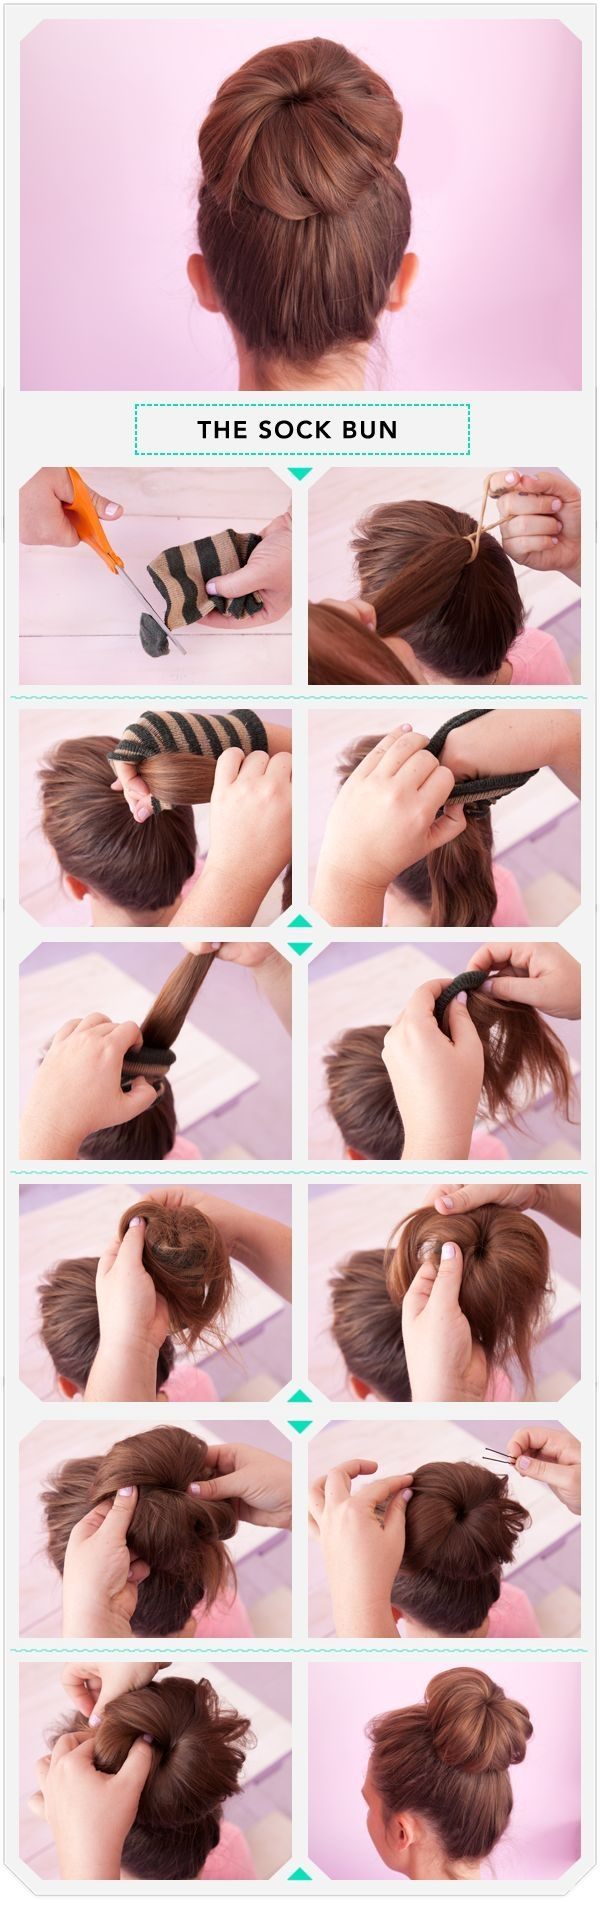 Как сделать дулю на голове